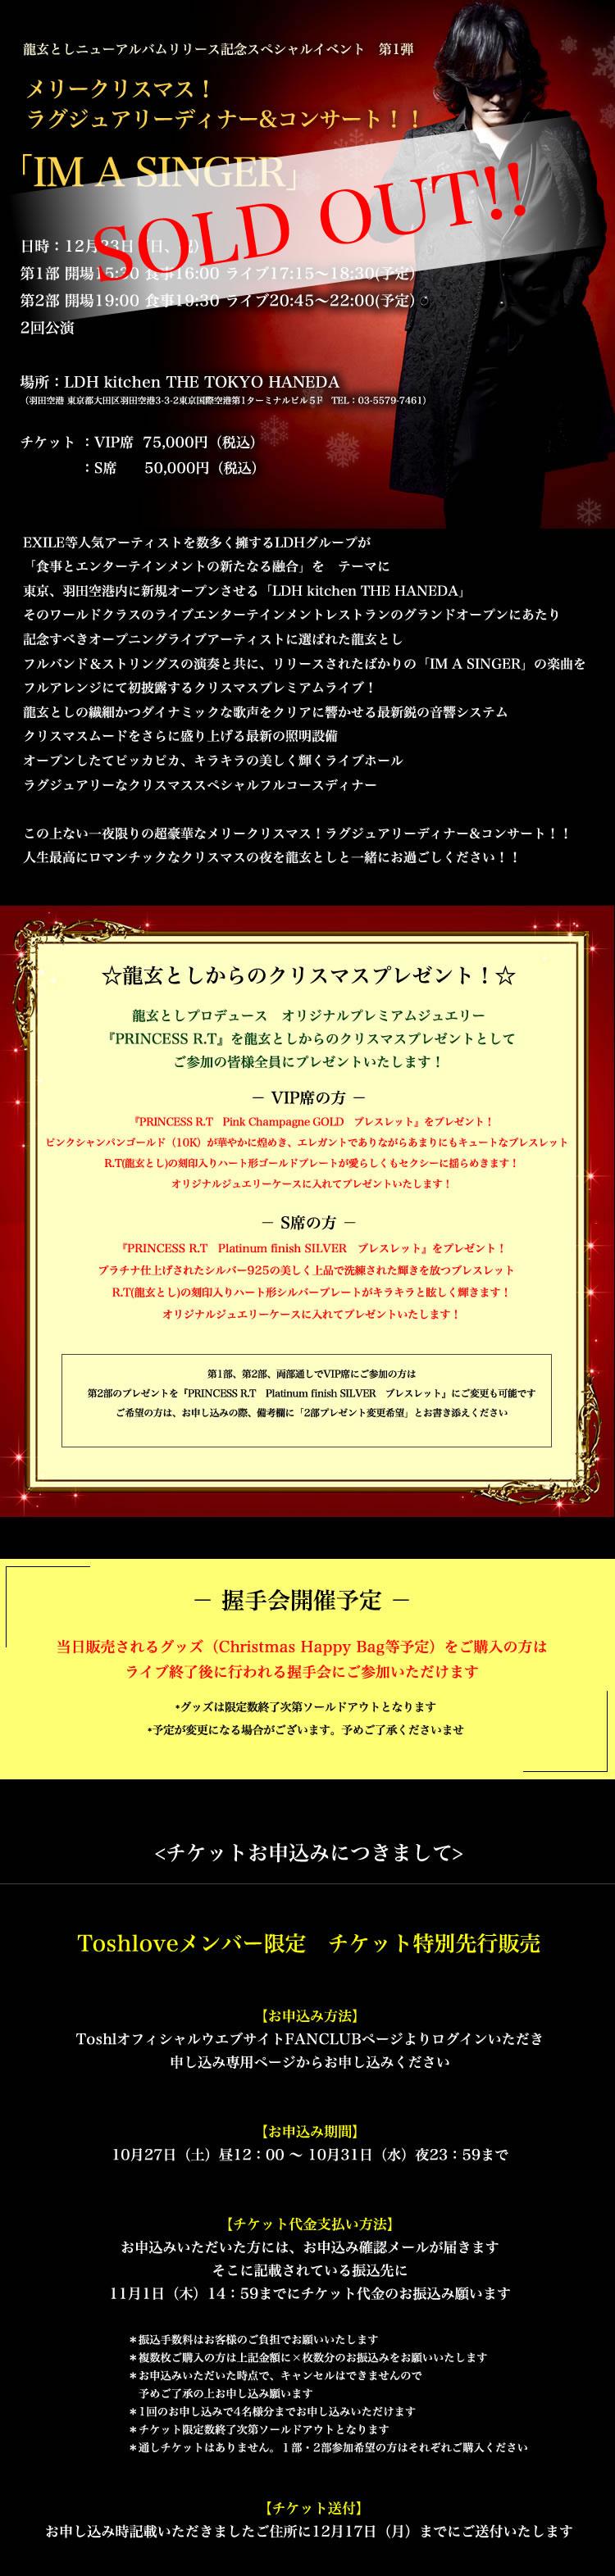 メリークリスマス!ラグジュアリーディナー&コンサート!!「IM A SINGER」